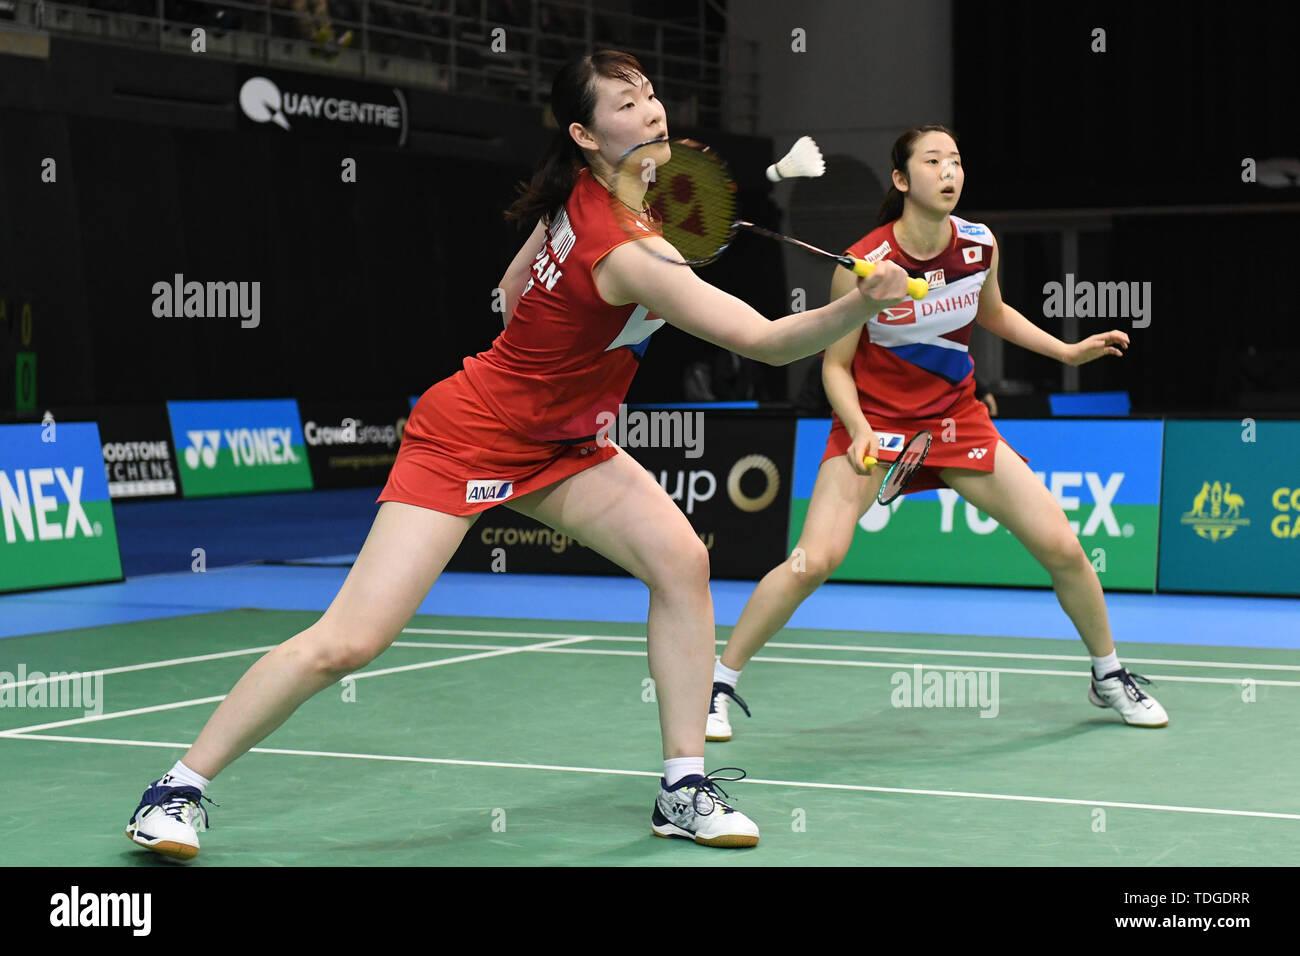 Mayu Matsumoto und Wakana Nagahara (Japan), die in Aktion während der 2019 Doppel Viertelfinale australische Badminton Open gesehen Match gegen Apriyani Rahayu und Graysia Polii (Indonesien). Matsumoto und Nagahara verloren das Match 19-21, 18-21. Stockbild